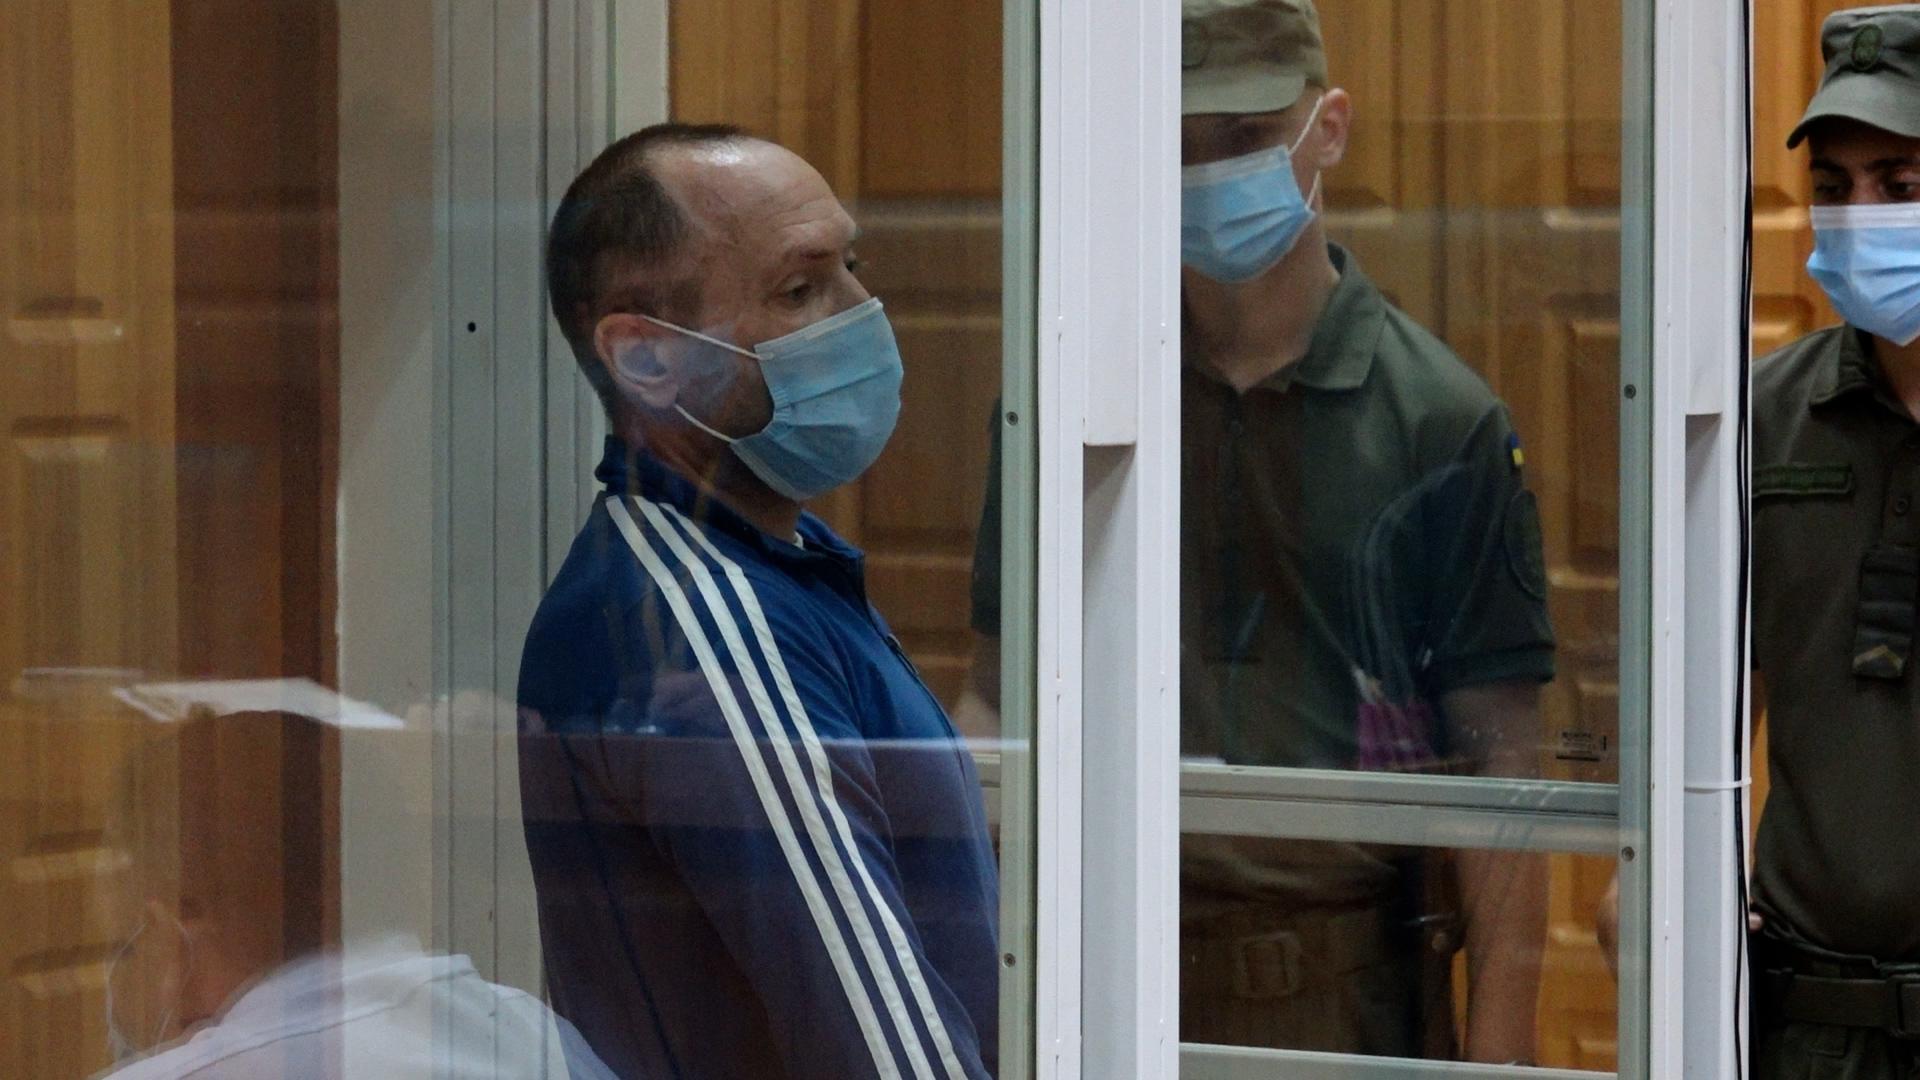 Чи визнав вину водій, який збив хлопчика у Прошовій на Тернопільщині